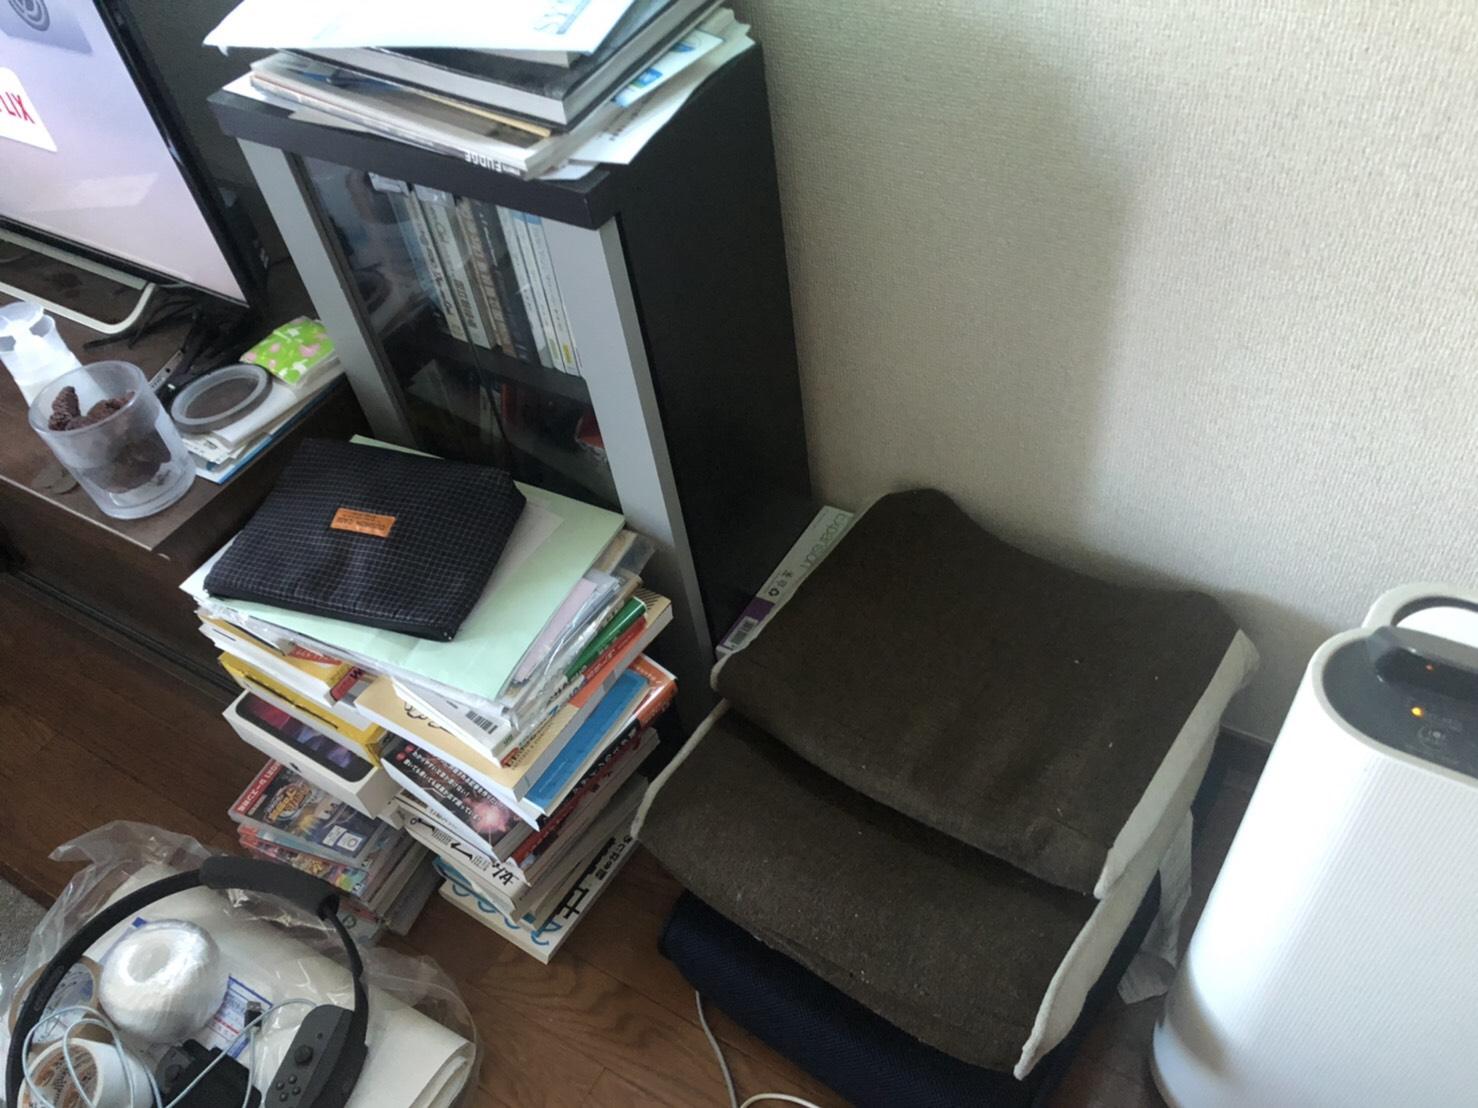 空気清浄機、テレビ、テレビ台、本棚、本の回収前